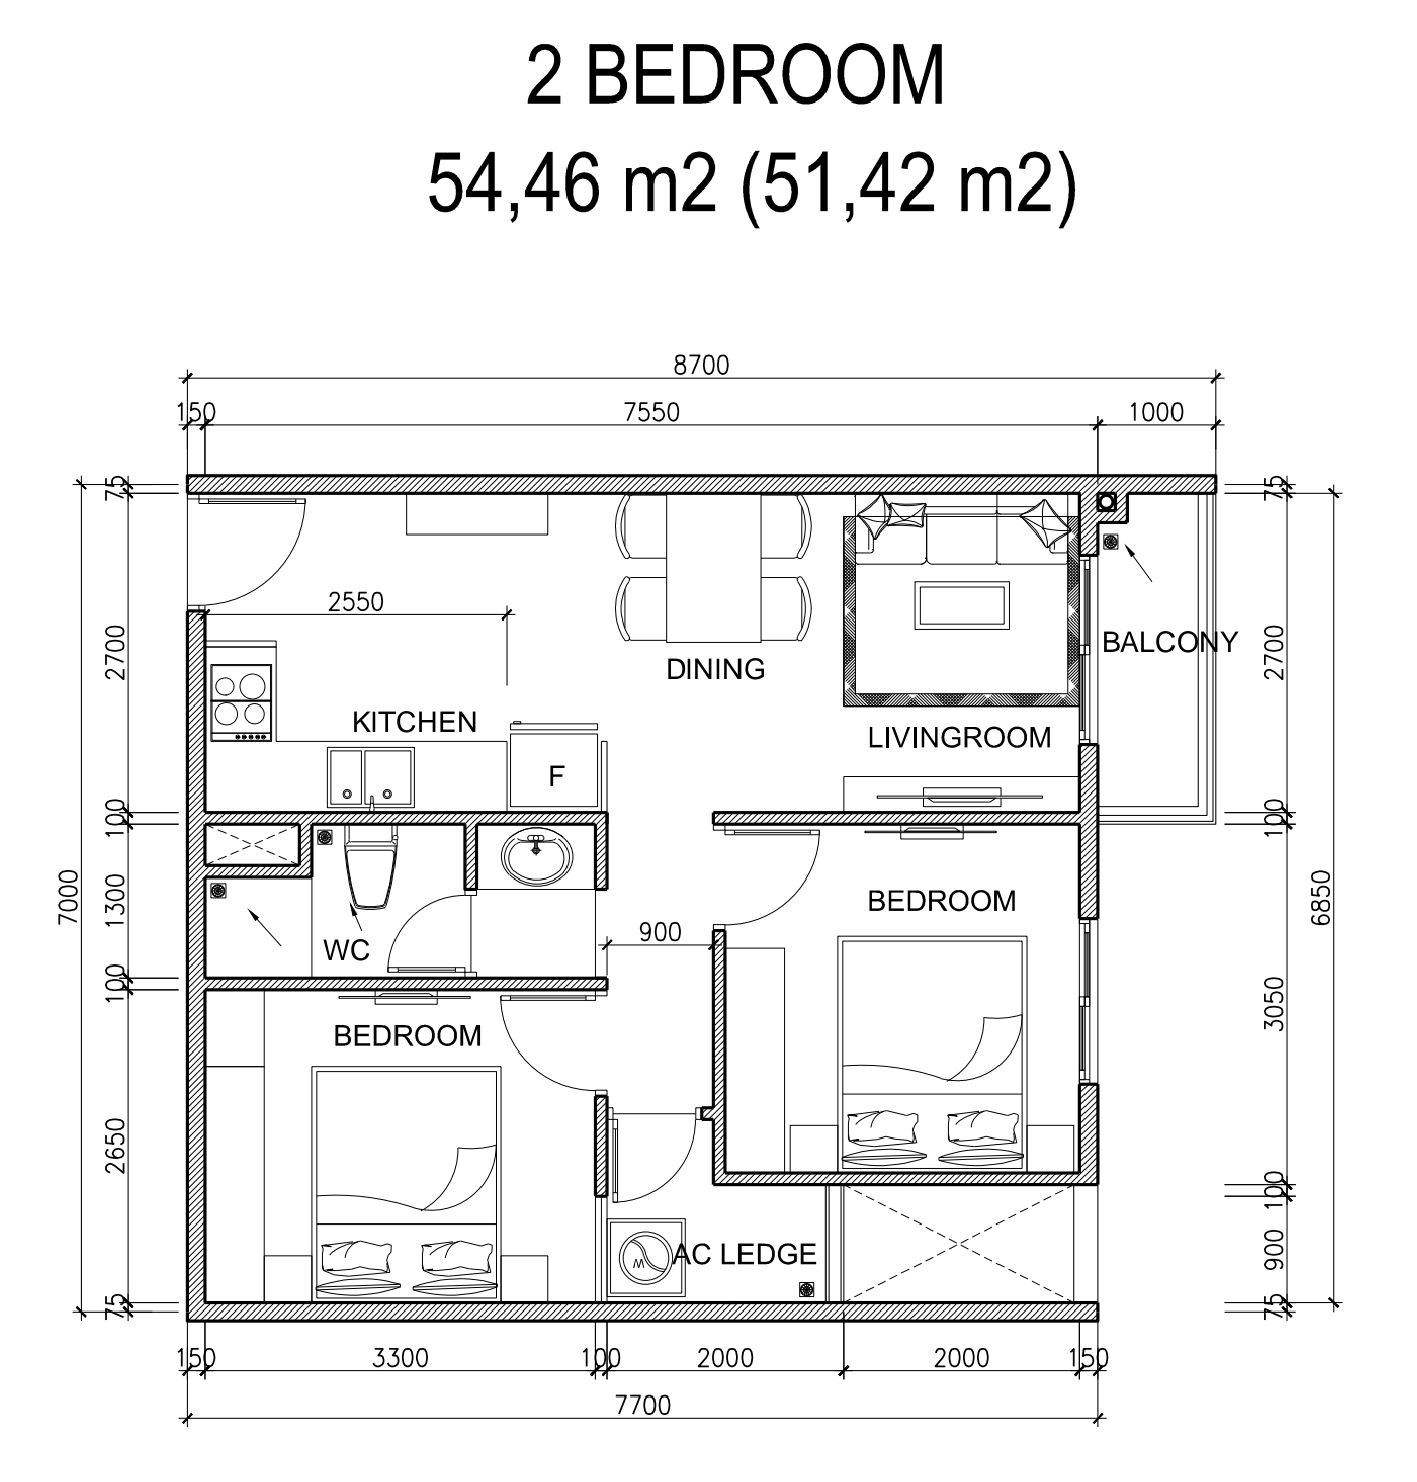 Hình ảnh thiết kể phòng ngủ  lớn của dự án City Gate 5 (NBB Garden 2)